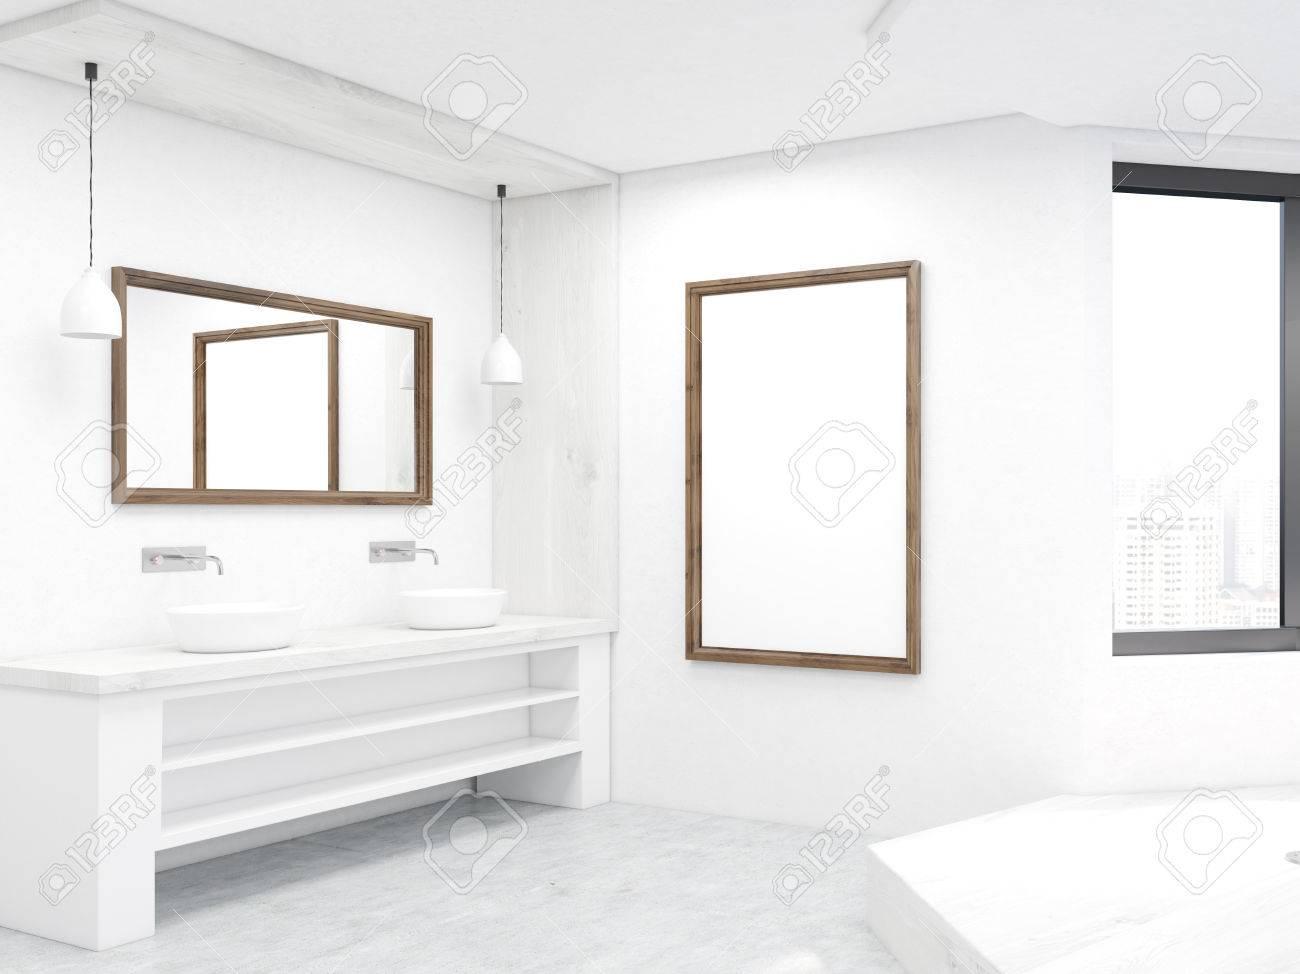 Badezimmer Ecke Mit Zwei Waschbecken, Podest, Spiegel Und Fenster. Konzept  Der Sauberkeit